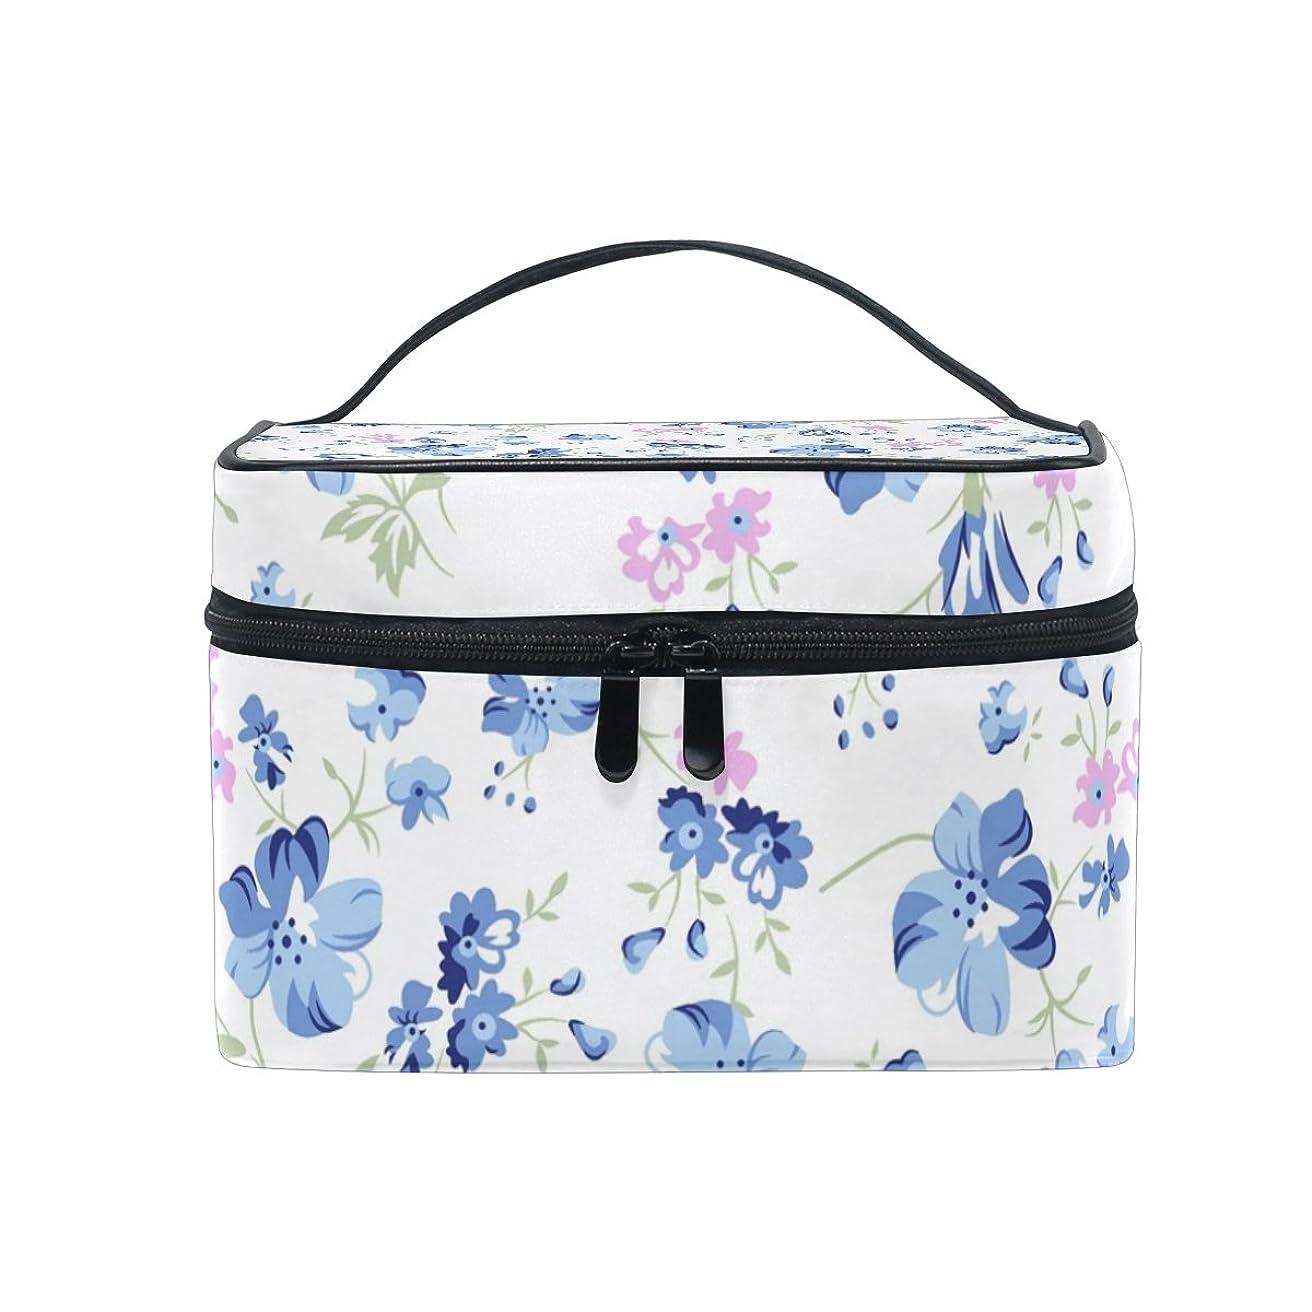 AyuStyle コスメバッグ メイクポーチ 化粧ポーチ バニティケース トラベルポーチ 収納ポーチ バッグ 花柄 おしゃれ 雑貨 小物入れ 機能的 大容量